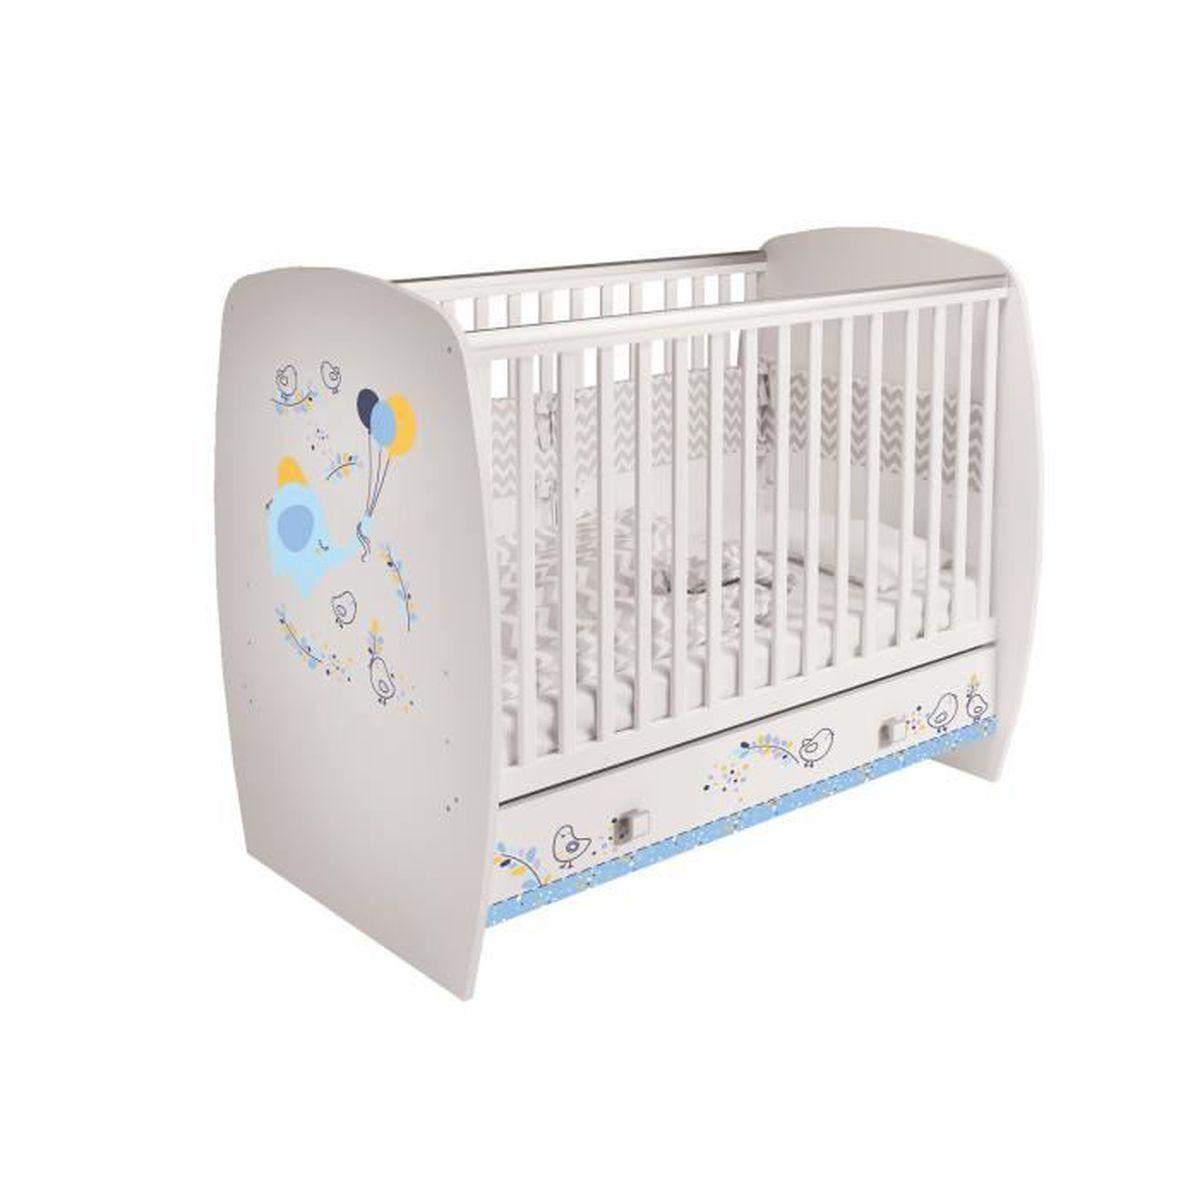 Lit Pour Enfant De Polini Kids Modele Simple 710 Motifs Differentes Achat Vente Lit Bebe 4620031187646 Cdiscount